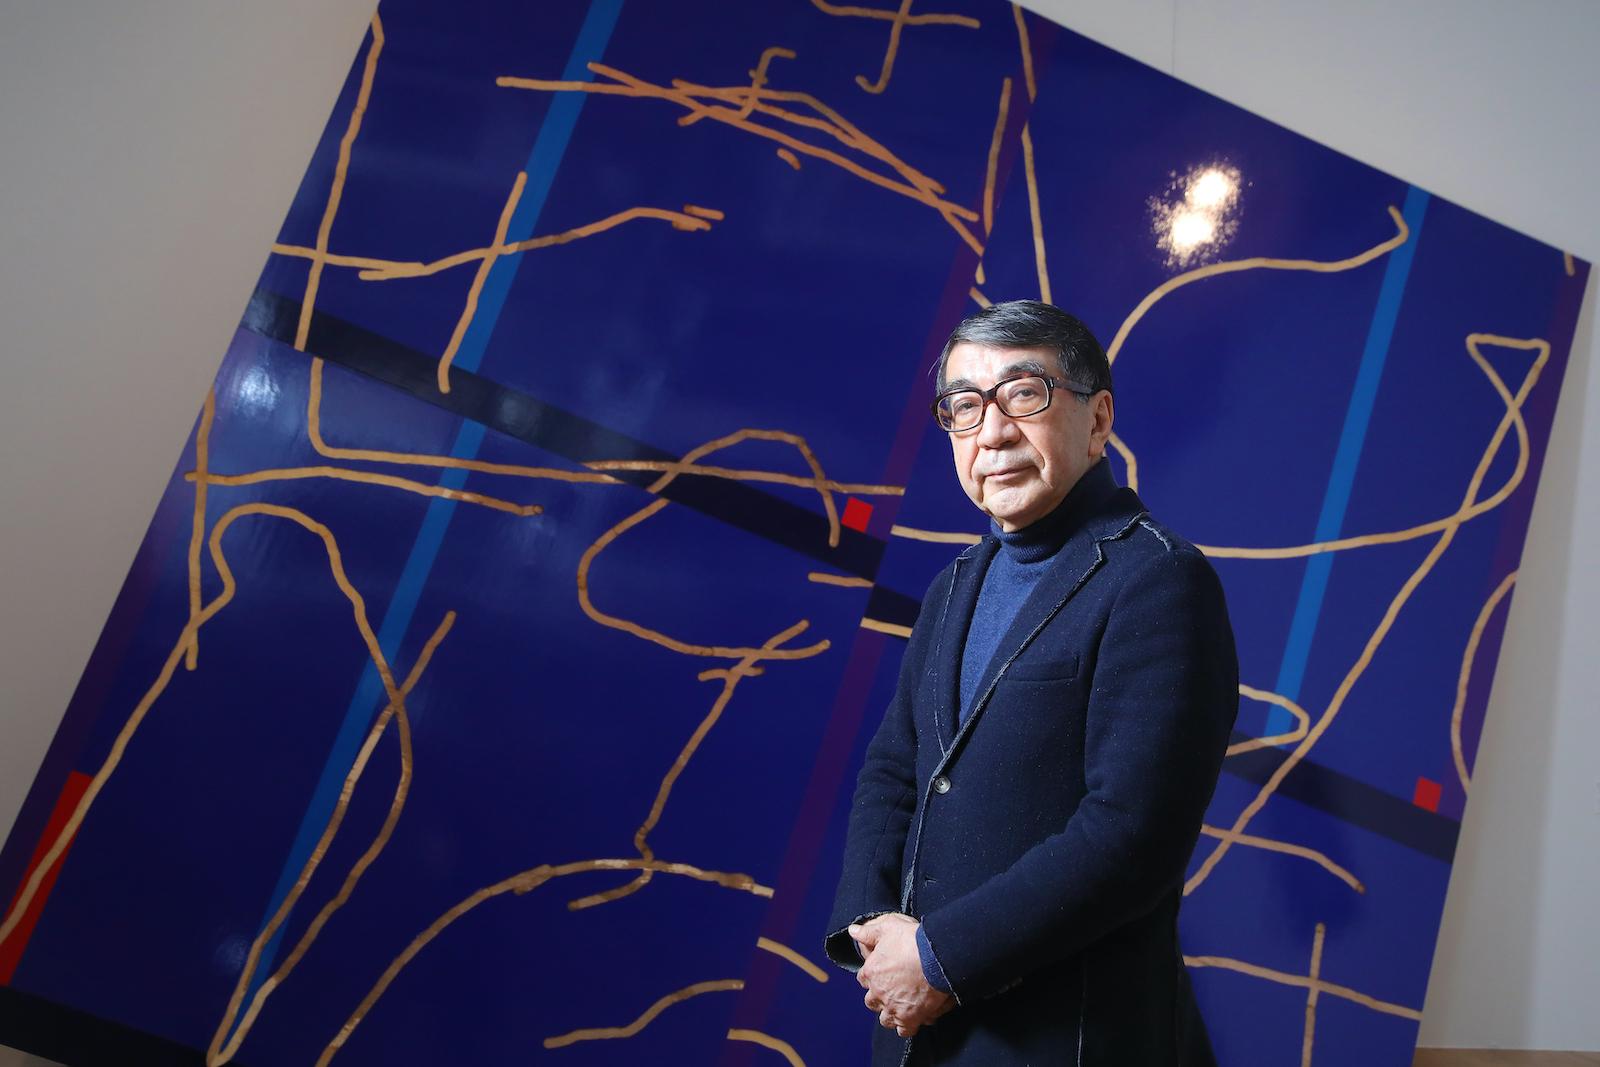 高橋龍太郎コレクションについて 撮影:今井康一 ©Koichi Imai